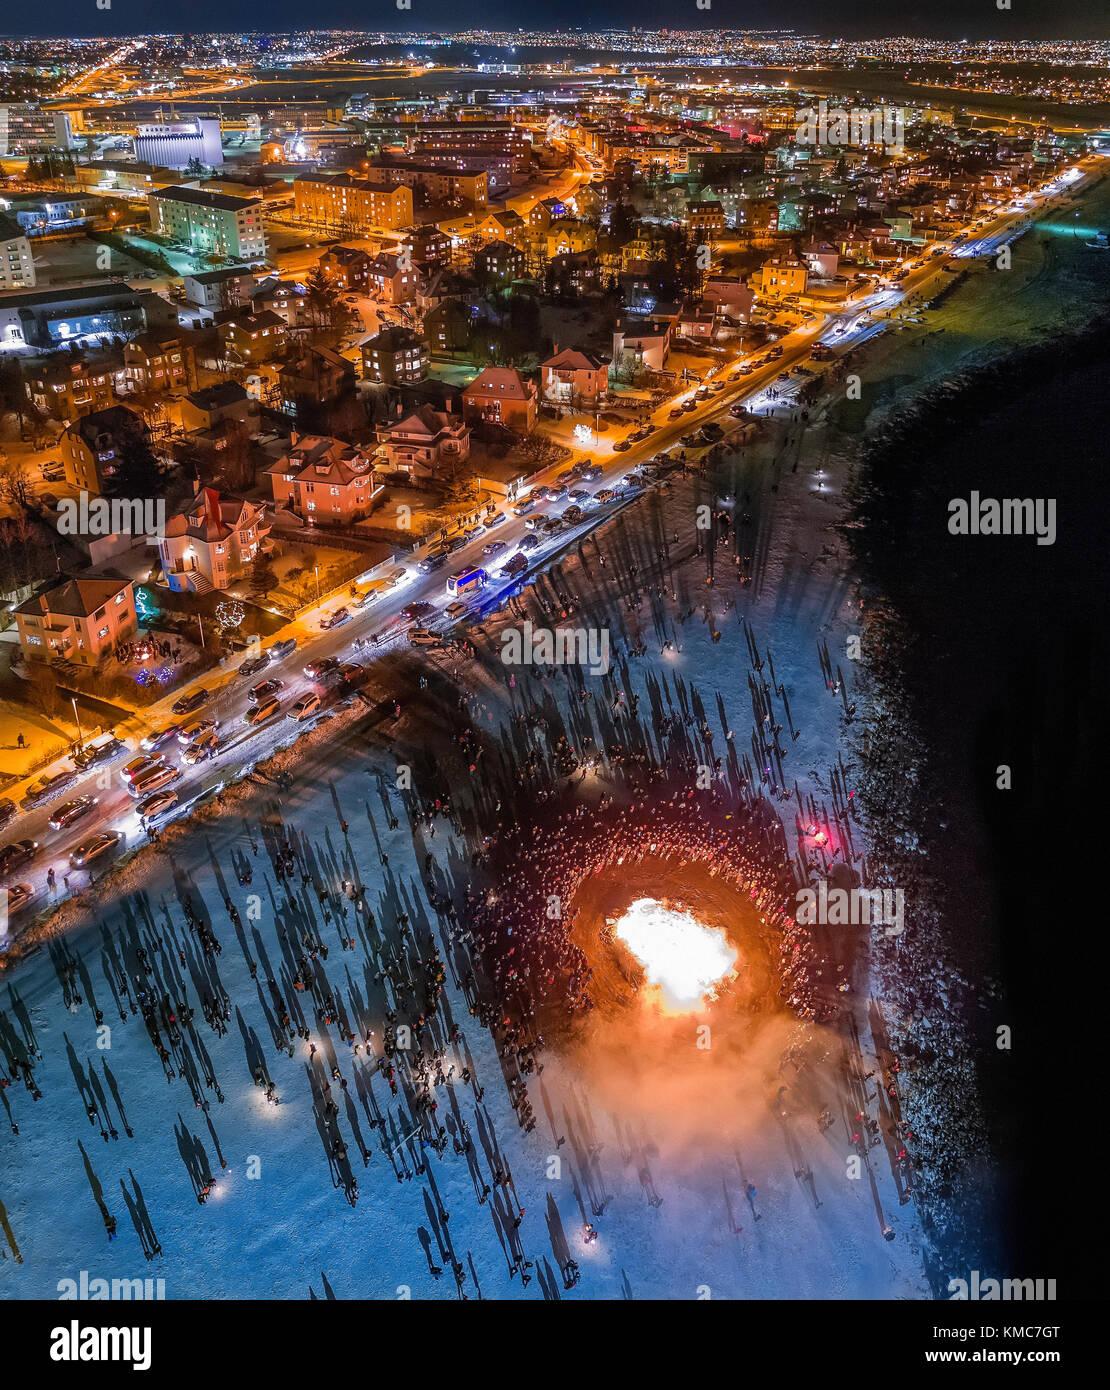 Silvester feiern. Lagerfeuer und Feuerwerk auf das Neue Jahr ist eine jährliche Veranstaltung, Reykjavik, Island. Stockbild